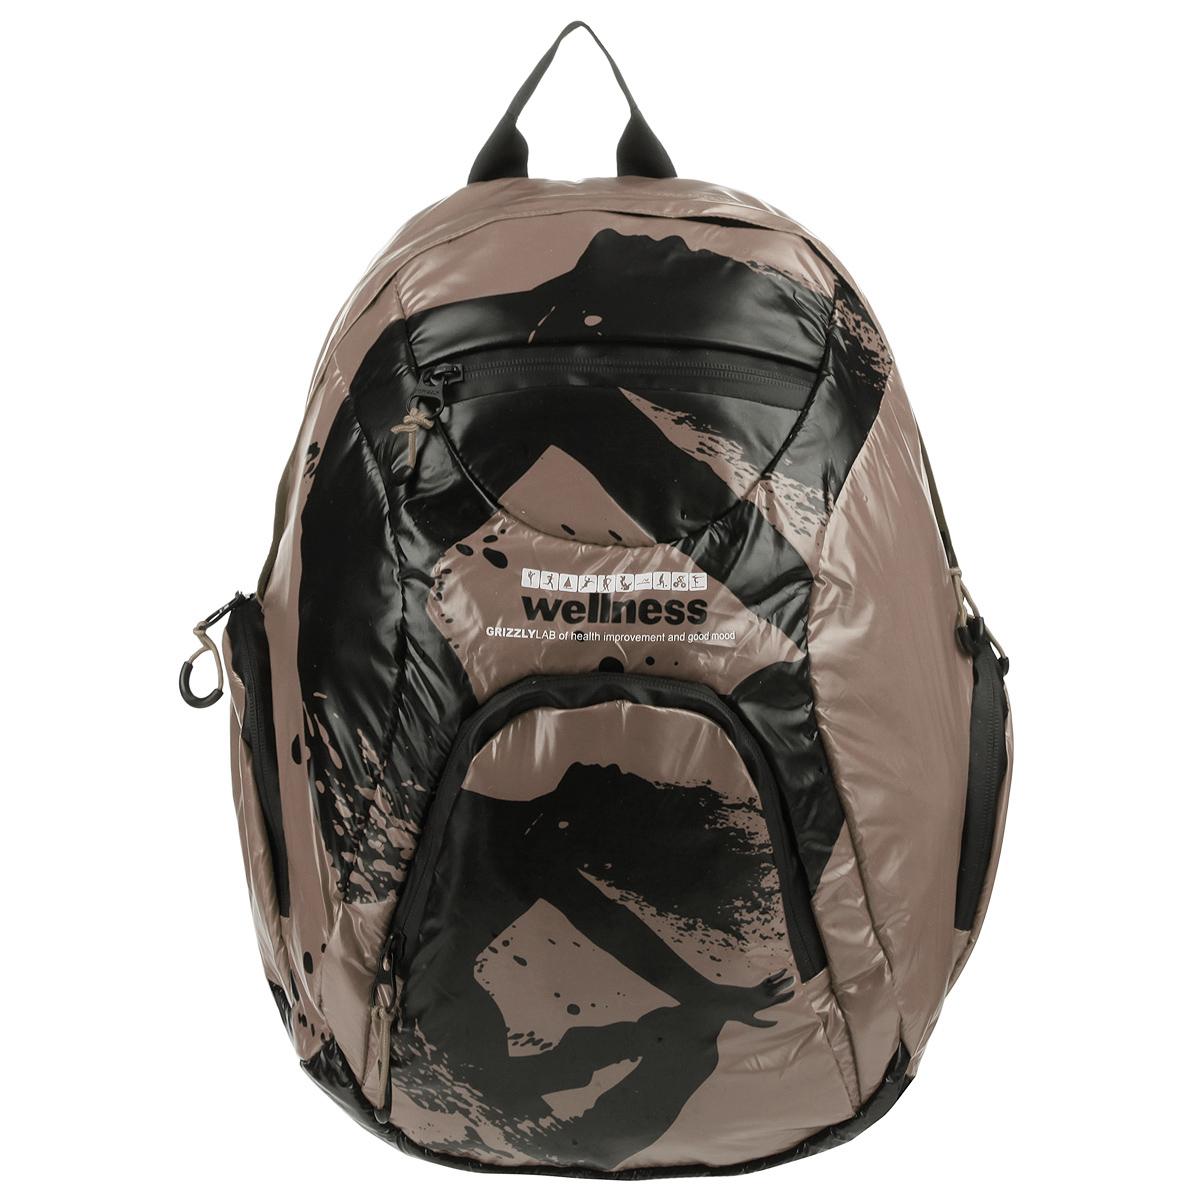 Рюкзак городской Grizzly, цвет: бежевый, черный. RD-418-1/3Z90 blackСтильный рюкзак Grizzly выполнен из нейлона бежевого цвета и оформлен черным оригинальным принтом. Рюкзак имеет одно отделение, закрывающееся на застежку-молнию с двумя бегунками.Внутри отделения имеется большой врезной карман на молнии. На лицевой стороне расположены врезной и накладной карманы, так же на молнии. Внутри накладного кармана имеются открытый карман и карман-сетка на молнии.По бокам рюкзак снабжен двумя накладными кармашками на молнии.Рюкзак оснащен плечевыми лямками регулируемой длины из нейлона и короткой ручкой. Стильный рюкзак эффектно дополнит ваш яркий образ.